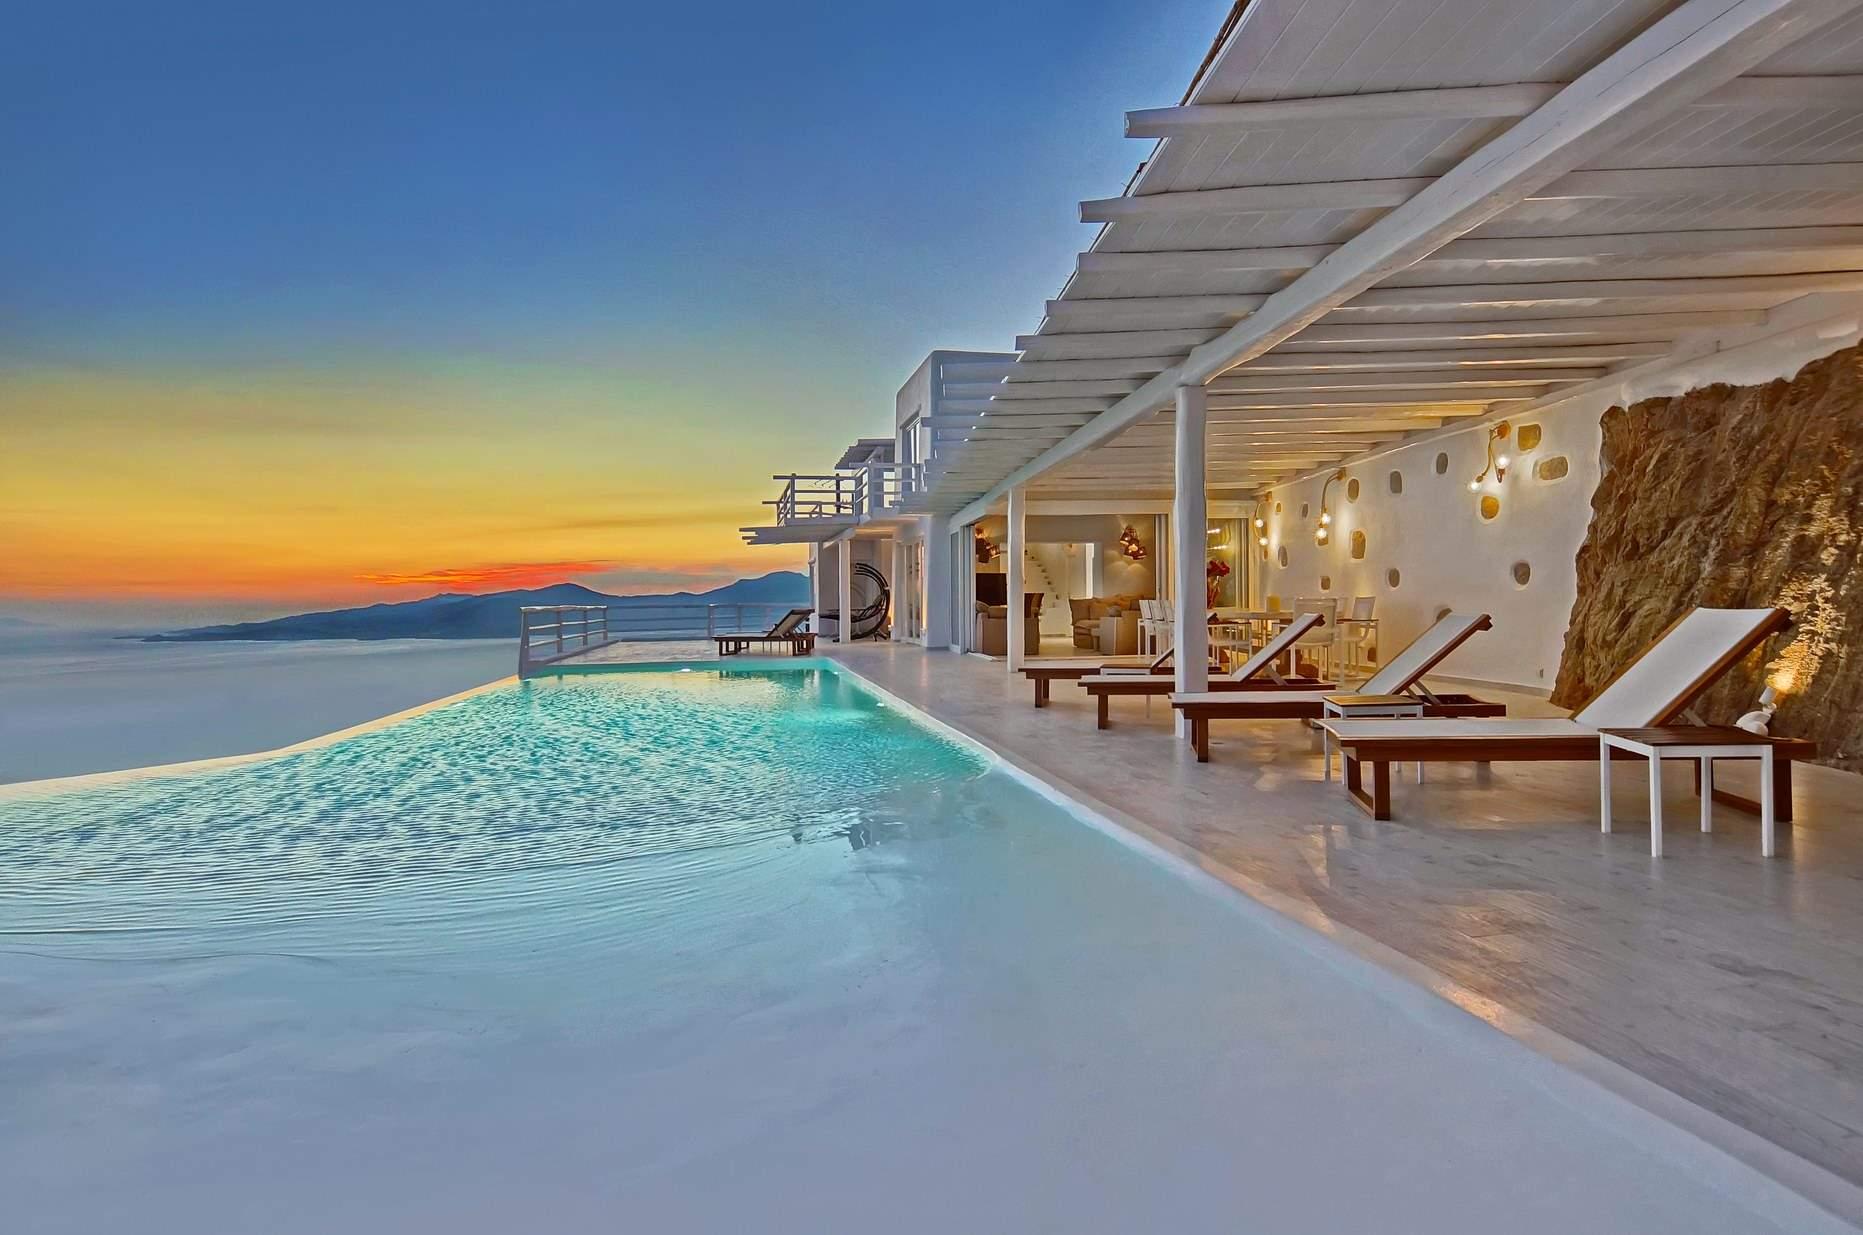 2 Bedrooms House For Rent Concordia Villa In Mykonos